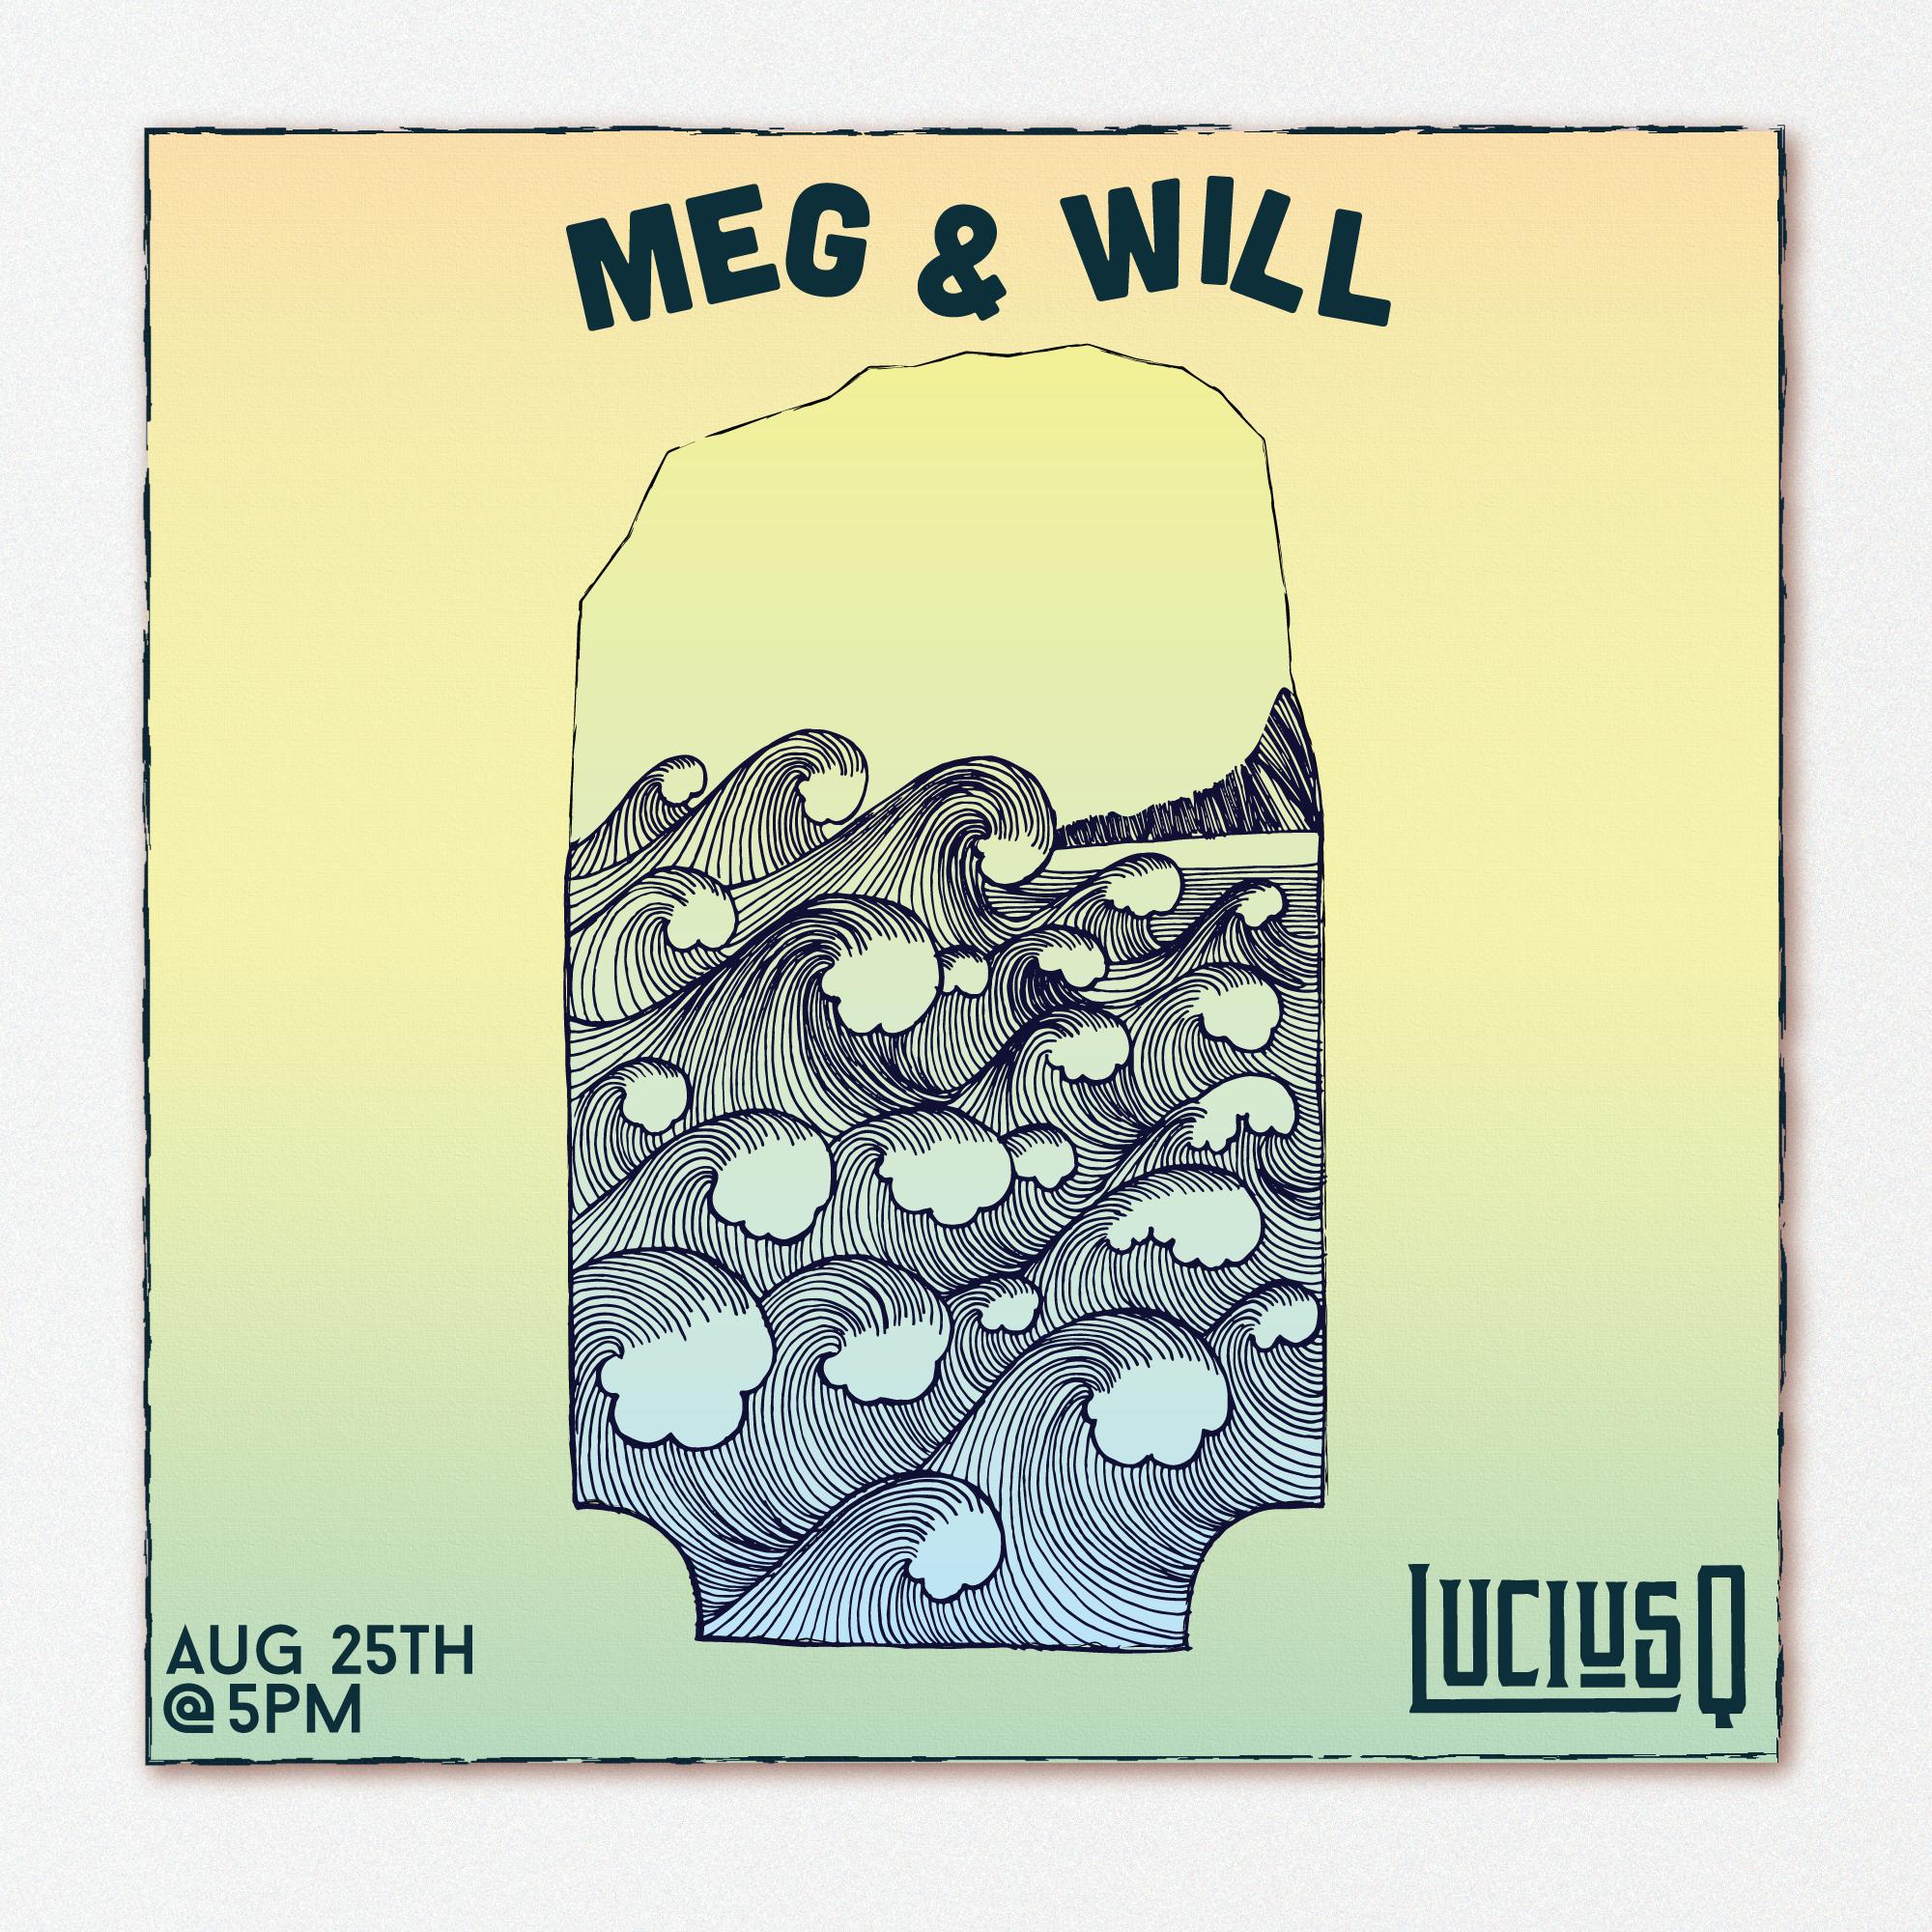 FiR-Creative---LuciusQ---Meg&Will-3.png